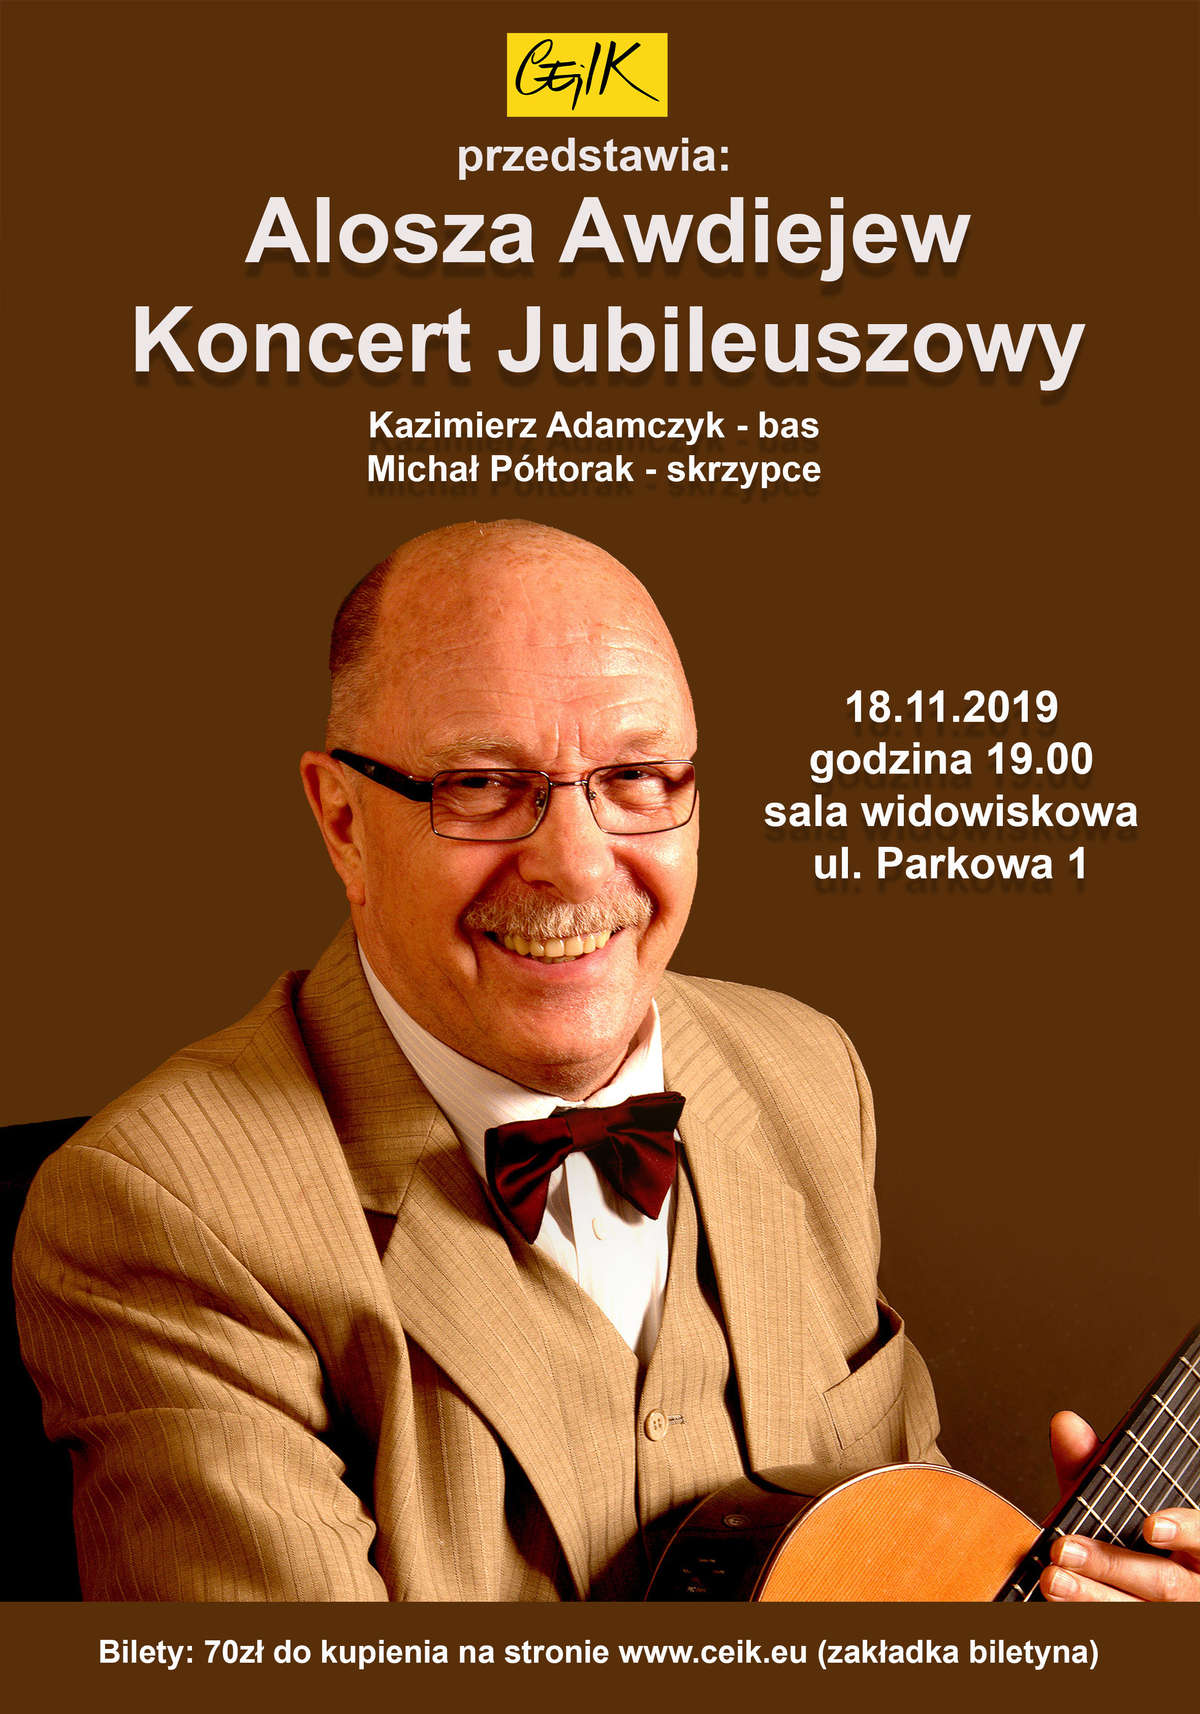 Alosza Awdiejew – Koncert Jubileuszowy - full image